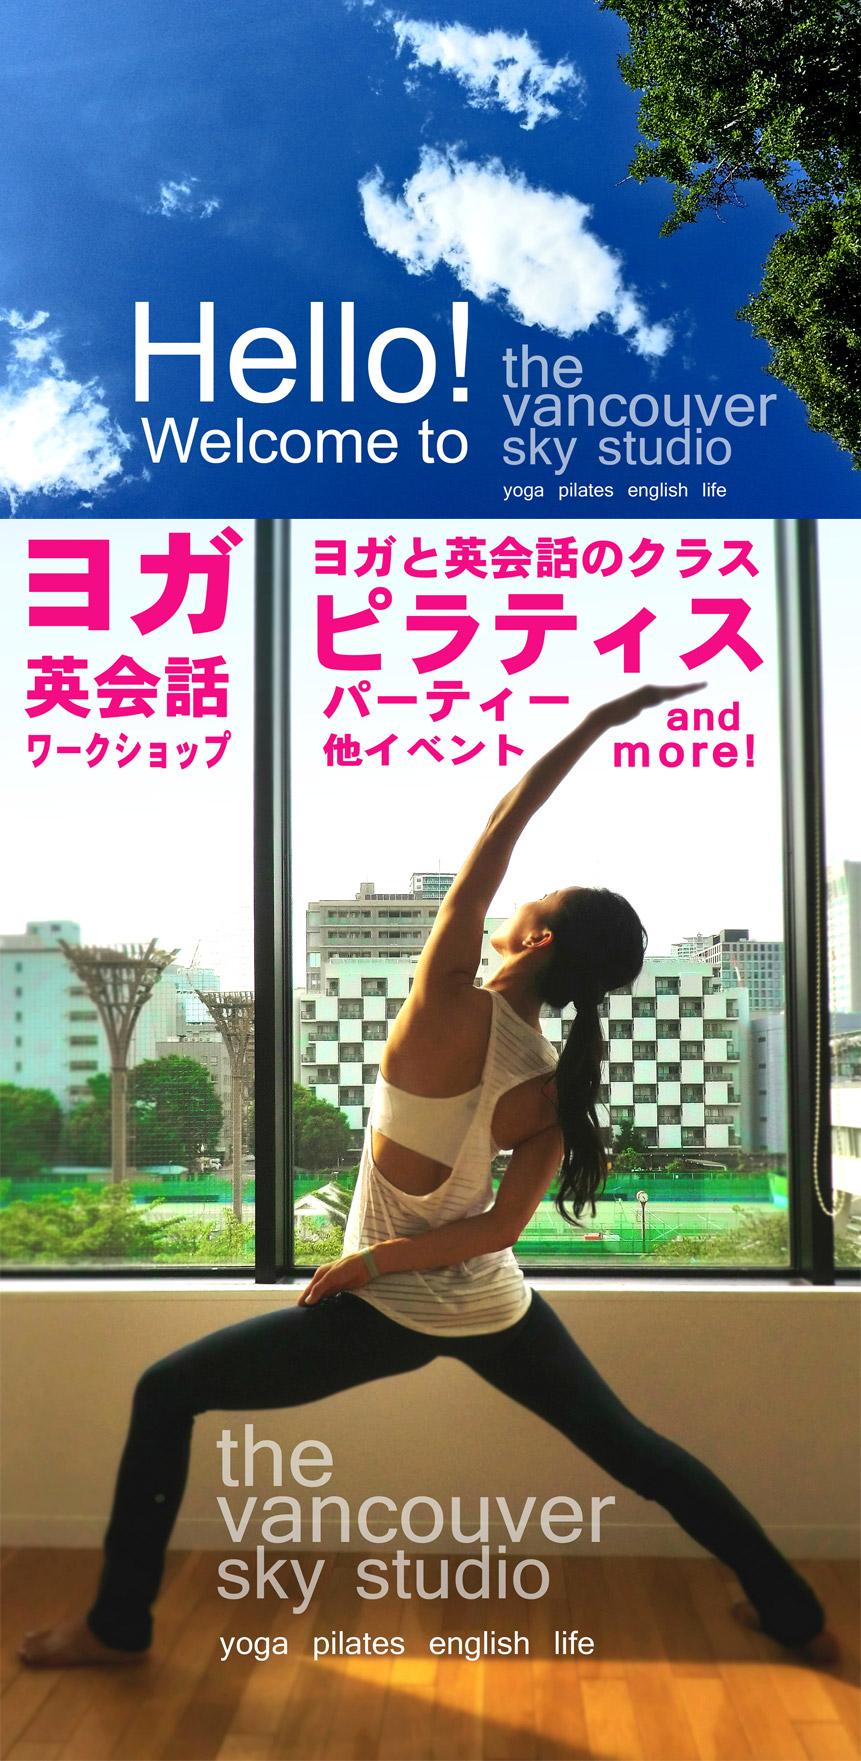 大阪本町 靭公園前のヨガ、ピラティス、英会話スタジオ。いつでも外ヨガ気分を楽しめ異国を感じる眺めと空間で癒される新スタイルのスタジオ!英会話とヨガのクラスも必見!朝ヨガから深夜のヨガまで色んな空と一緒にヨガを楽しめます。